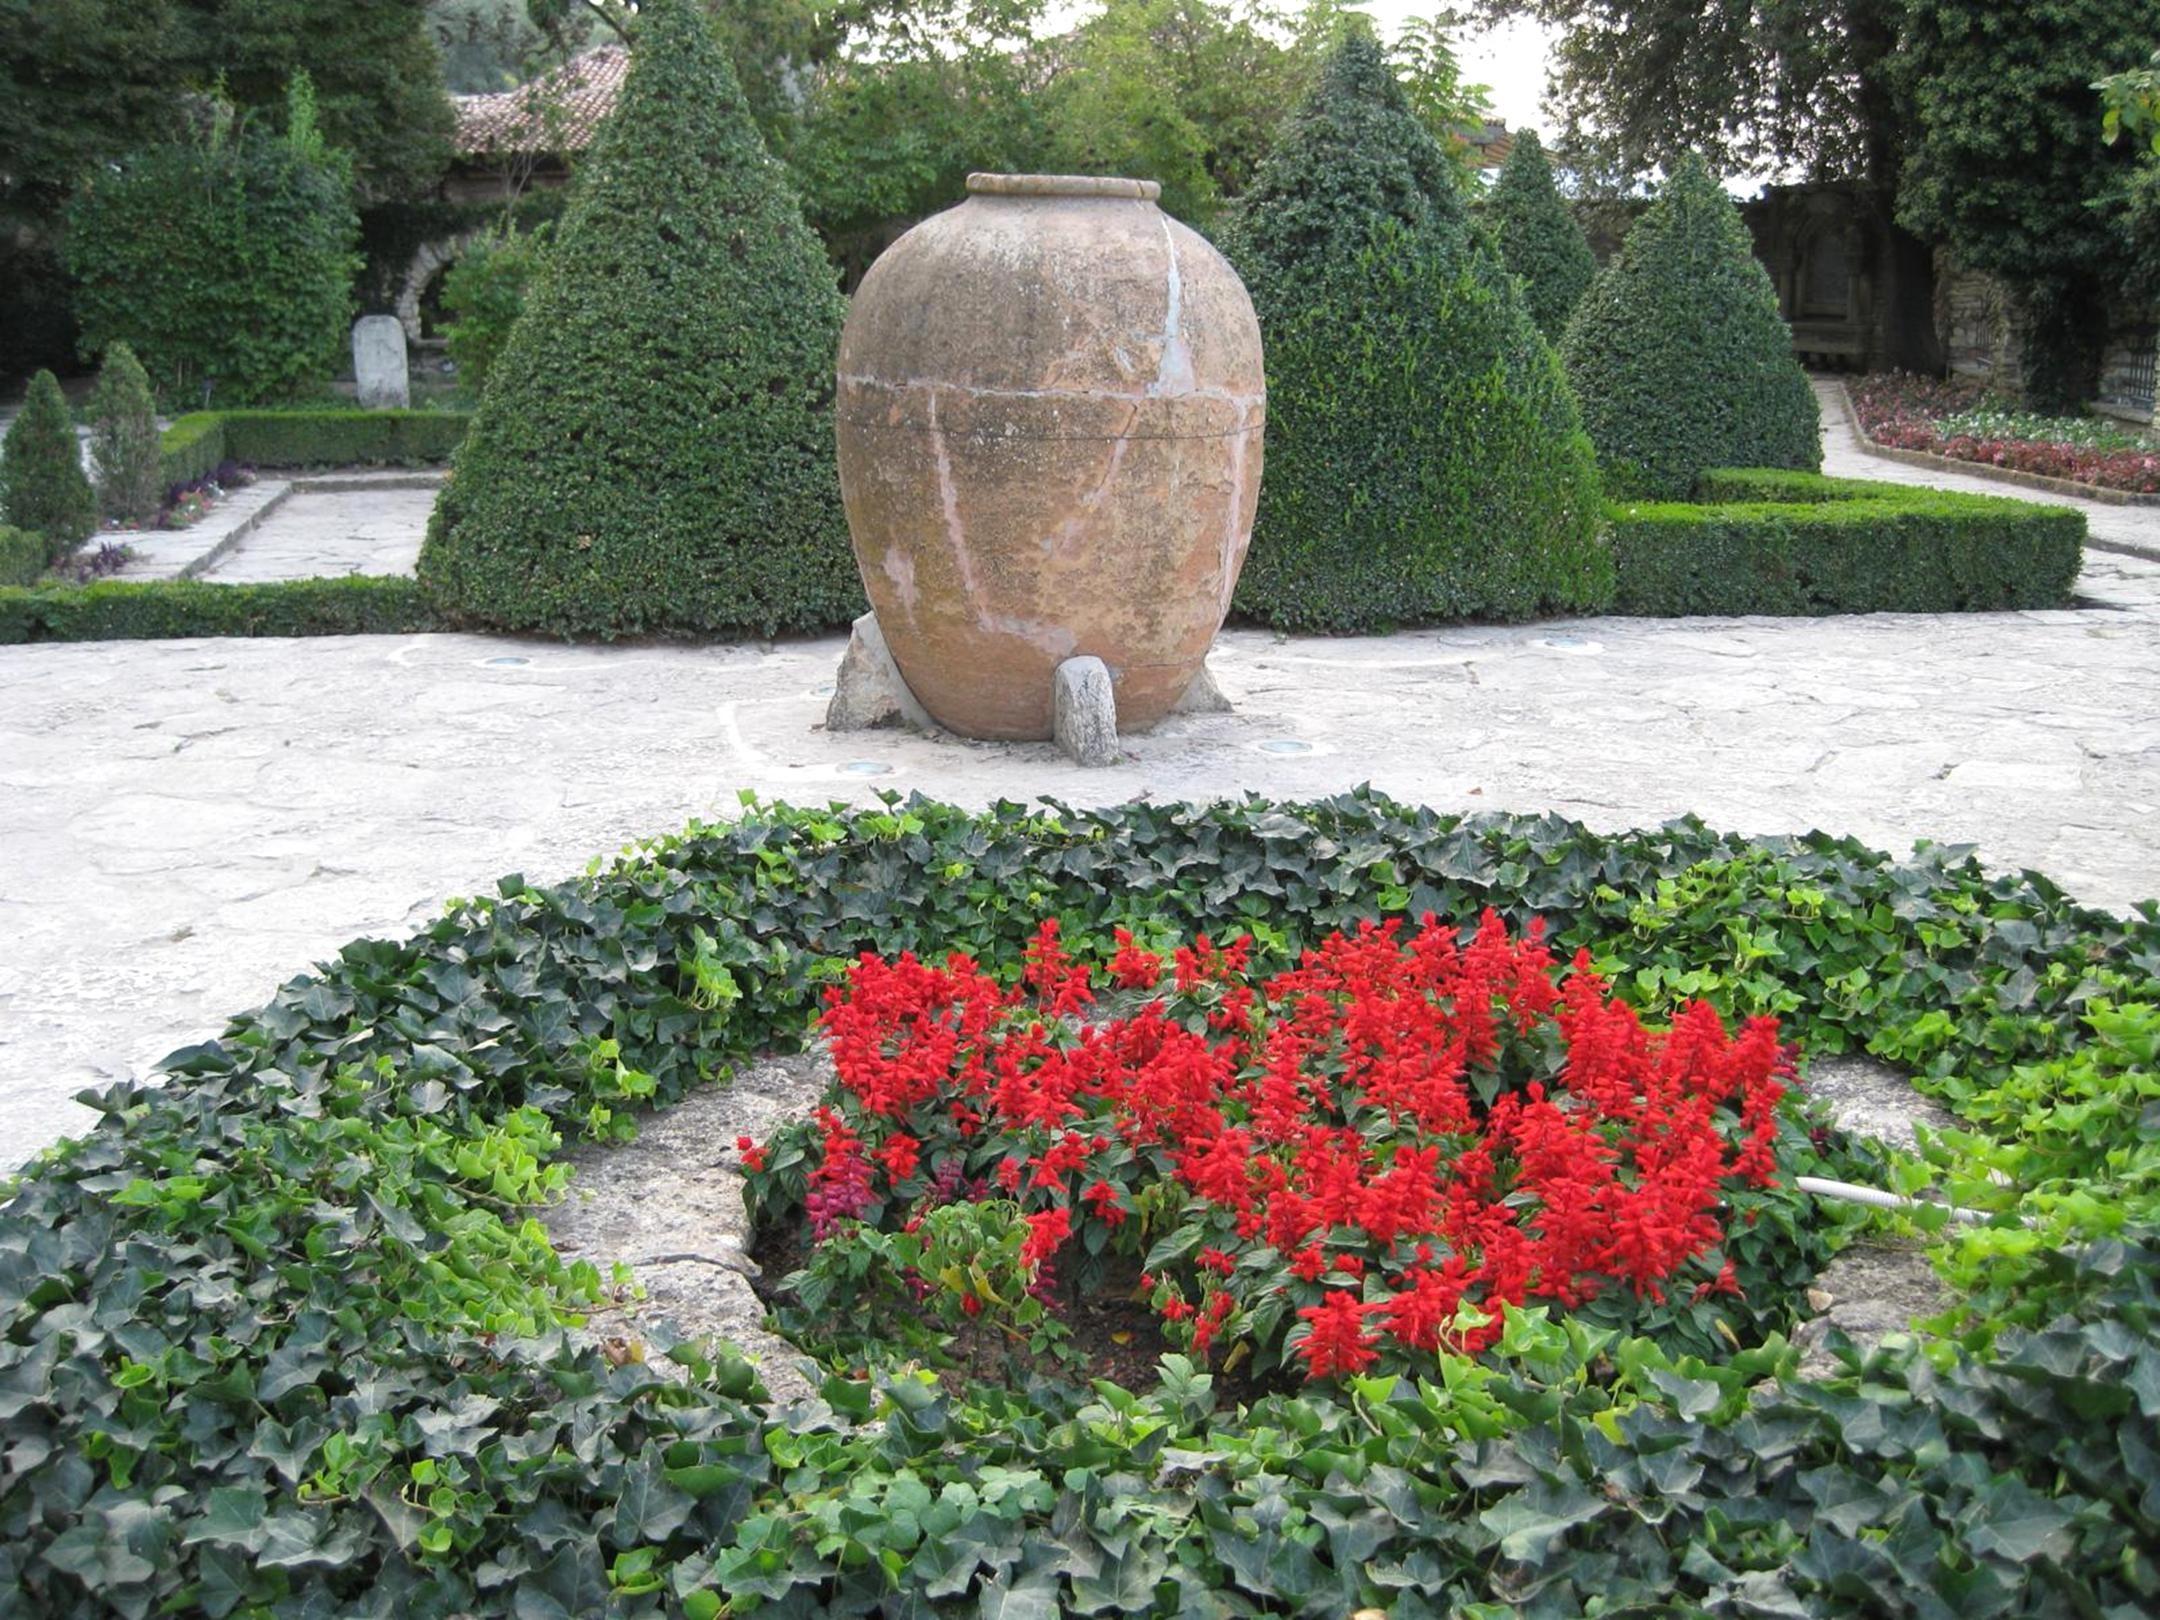 Image libre: Jardin, fleur, arbuste, haie, parc, flore, arbre ...